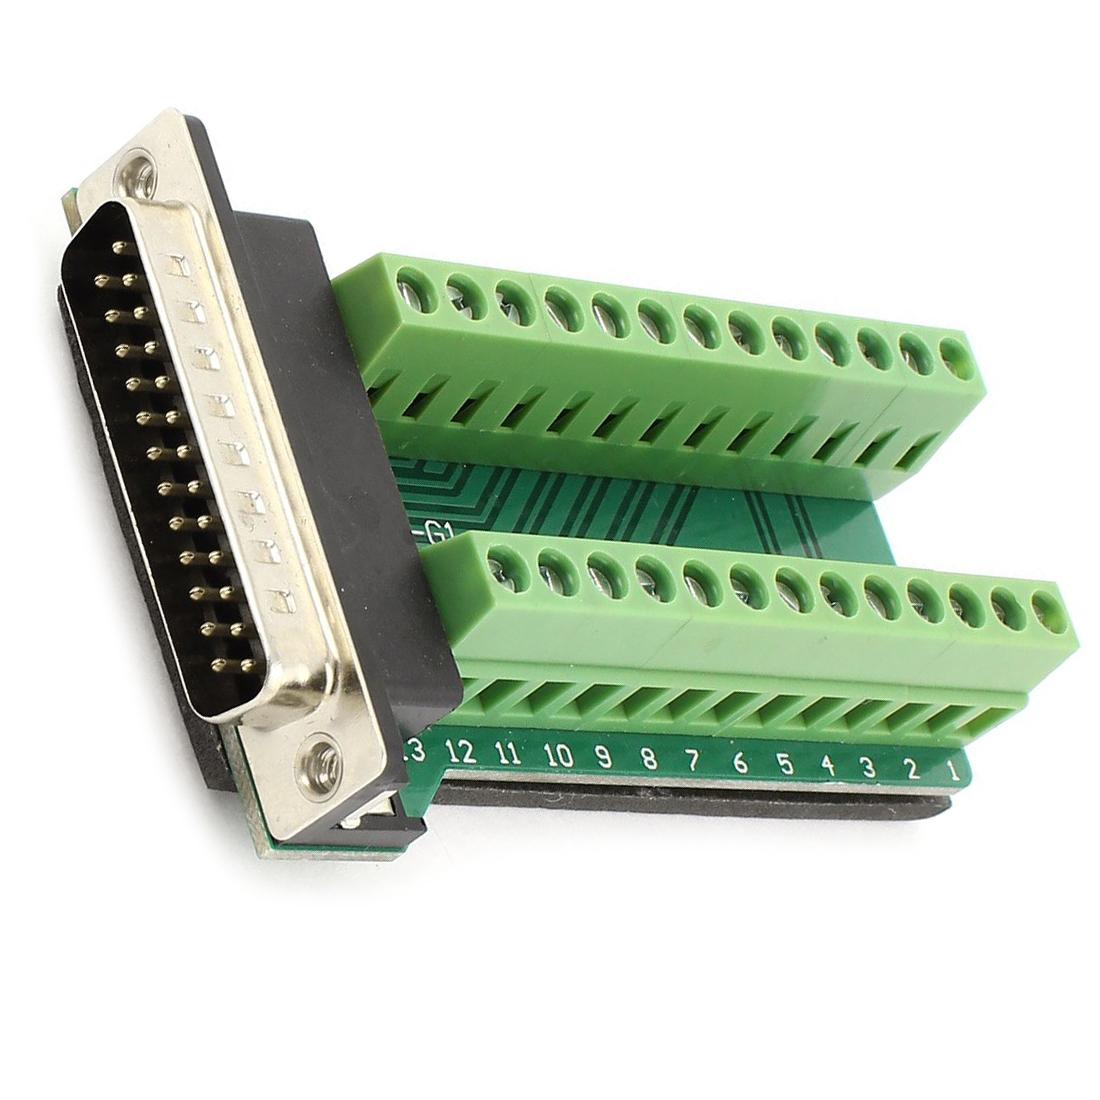 DB25 25-Pin Stecker Anschlussplatine RS232 Seriell zu Klemme Signal ...